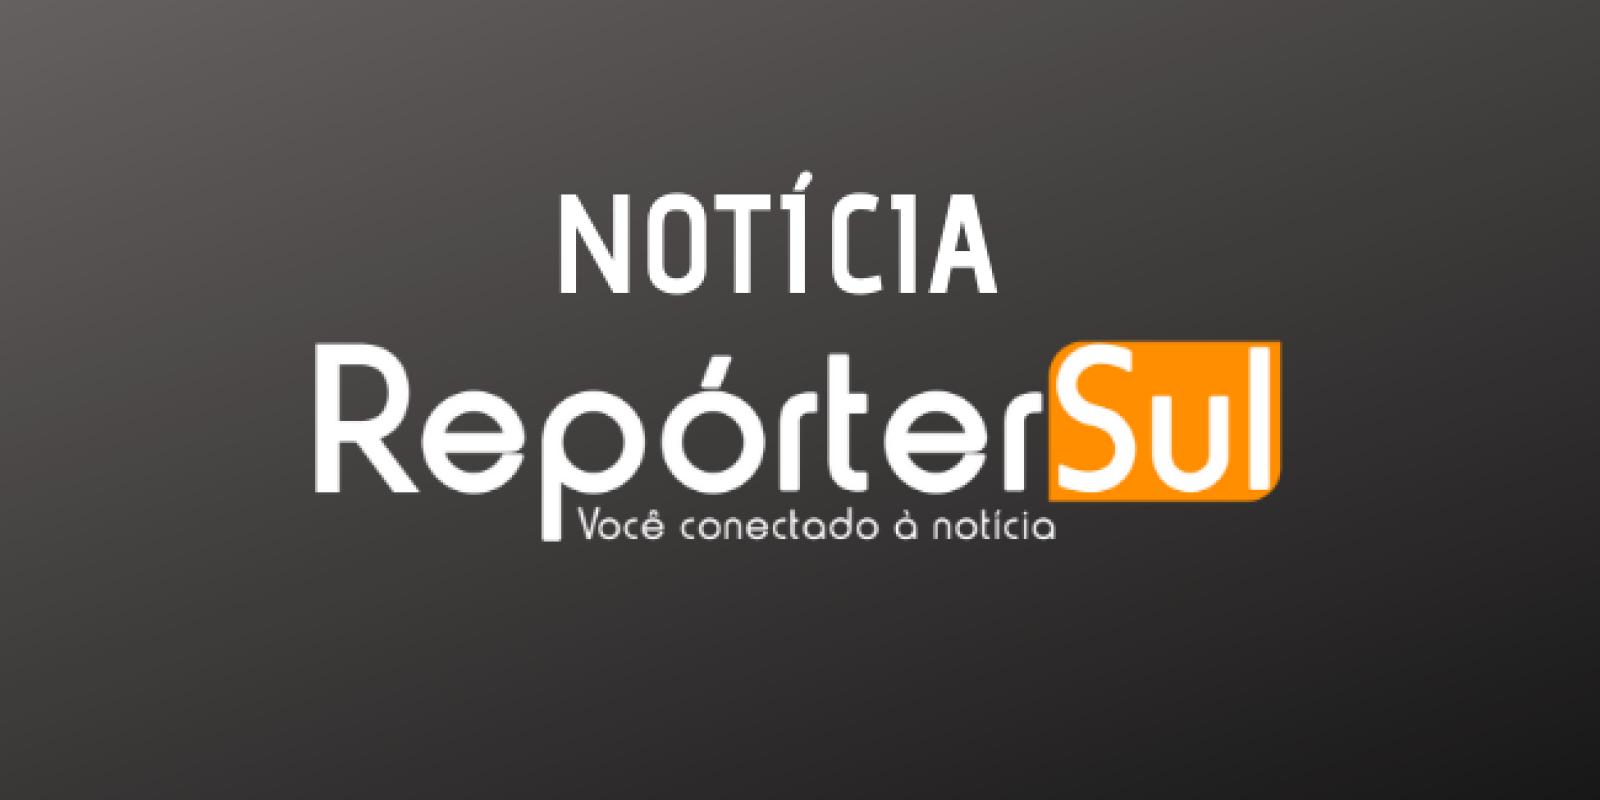 Decretado Ponto Facultativo nas repartições públicas do município de São Ludgero no dia 28 de outubro